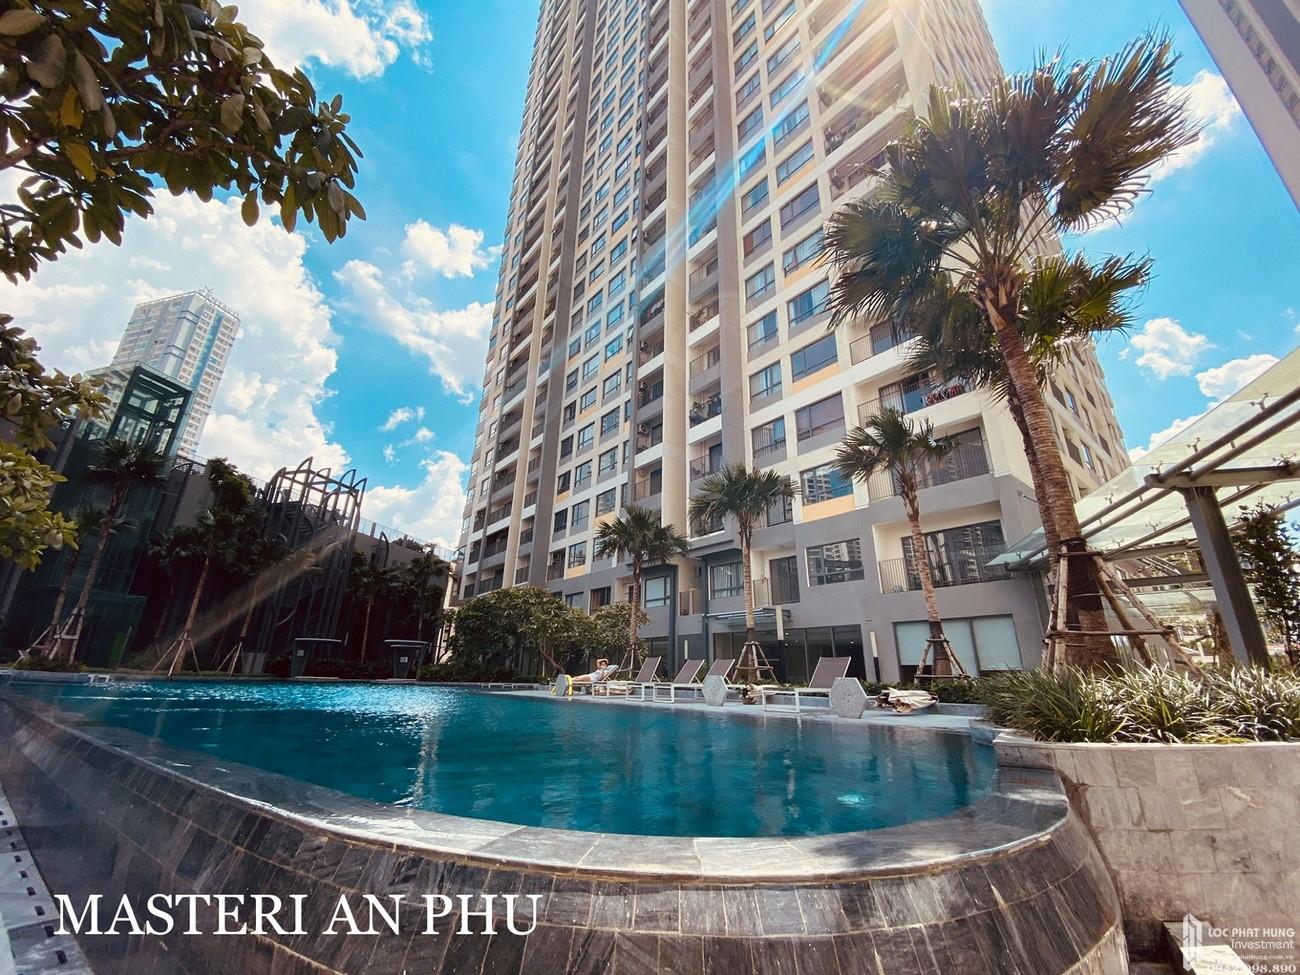 Tiện ích dự án căn hộ chung cư Masteri An Phú Quận 2 Đường 179 Xa lộ Hà Nội chủ đầu tư Masterise Homes